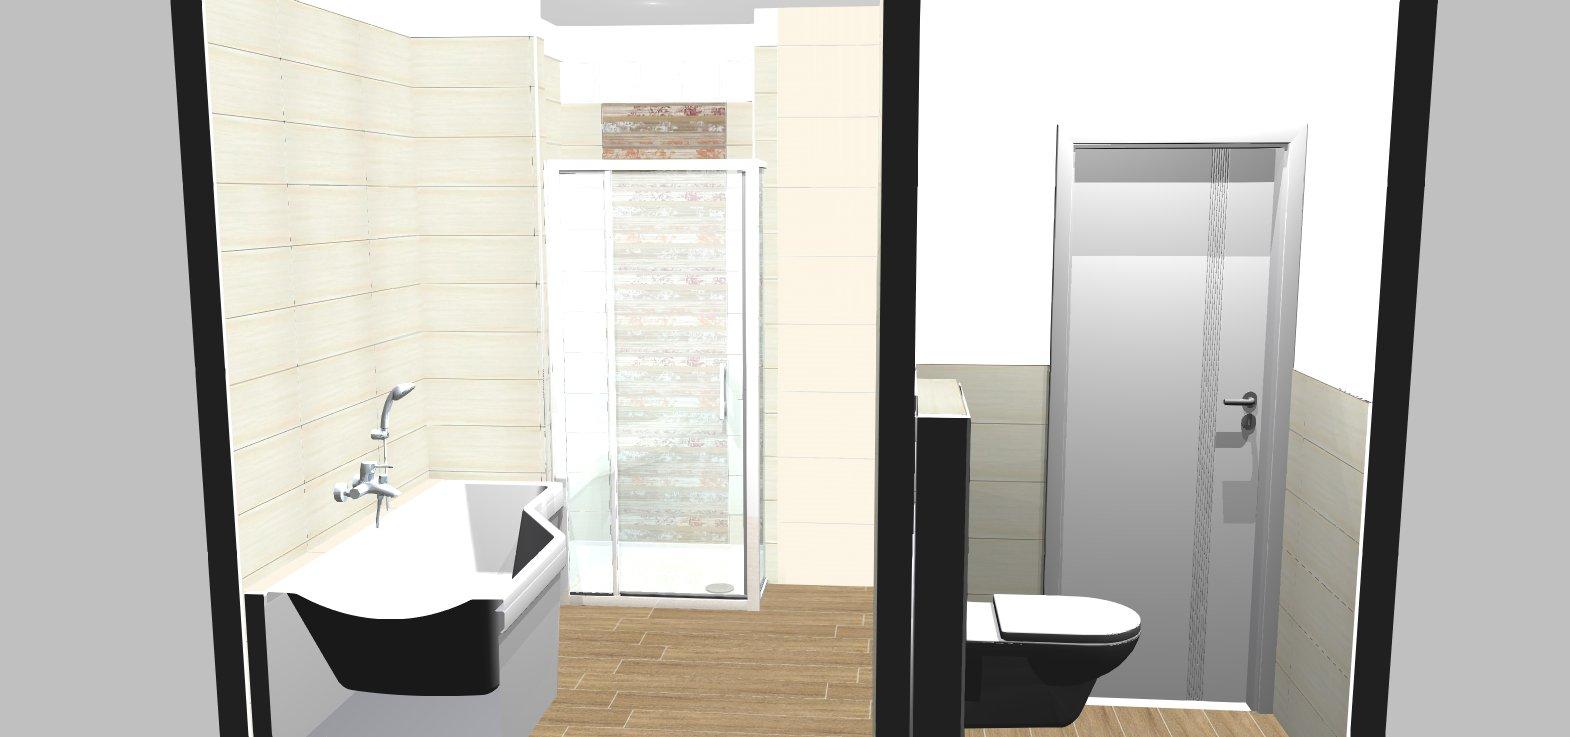 Mala panelakova koupelna - Obrázek č. 18